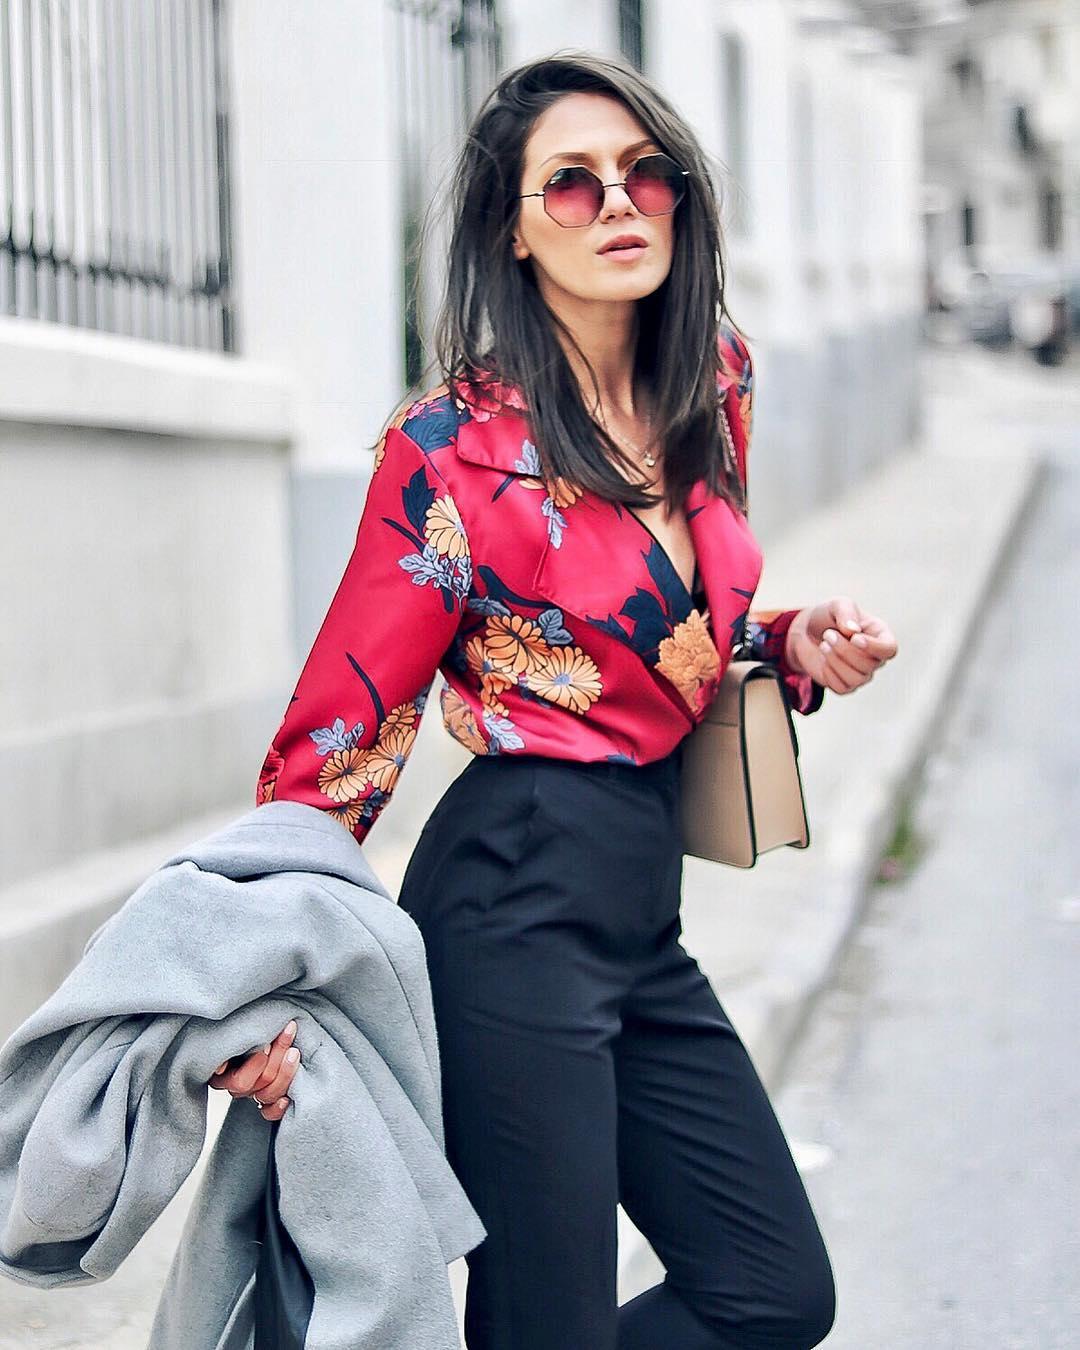 модные образы для деловых женщин осени 2019 фото 2